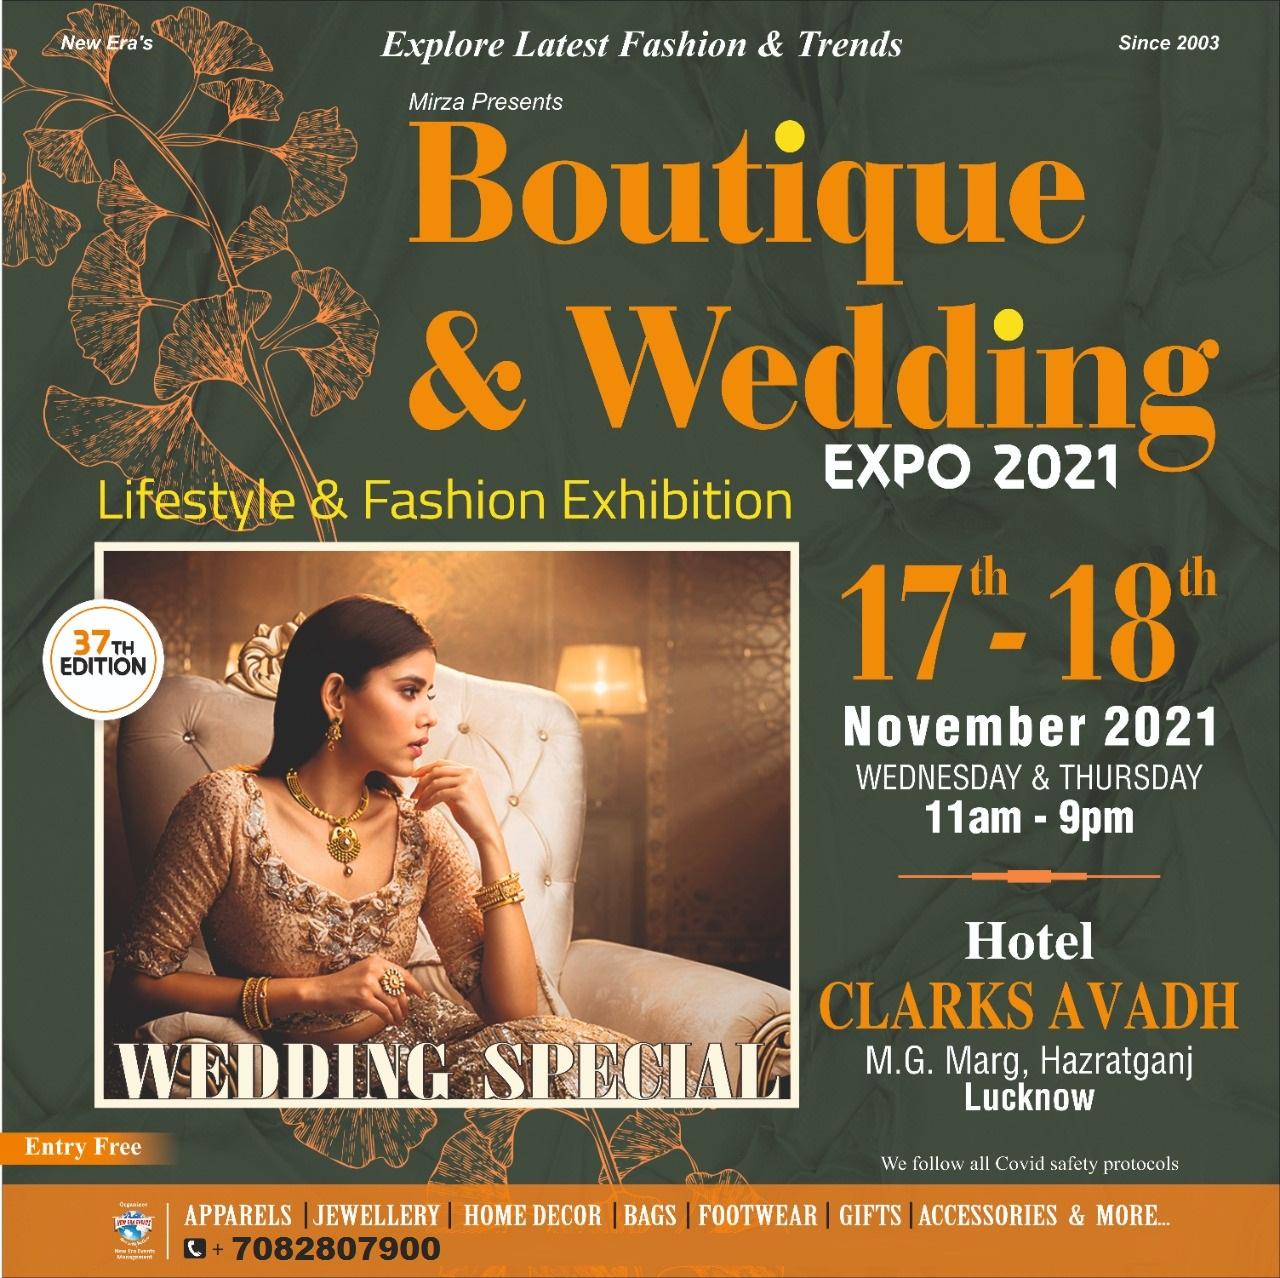 Boutique & Wedding Exhibition